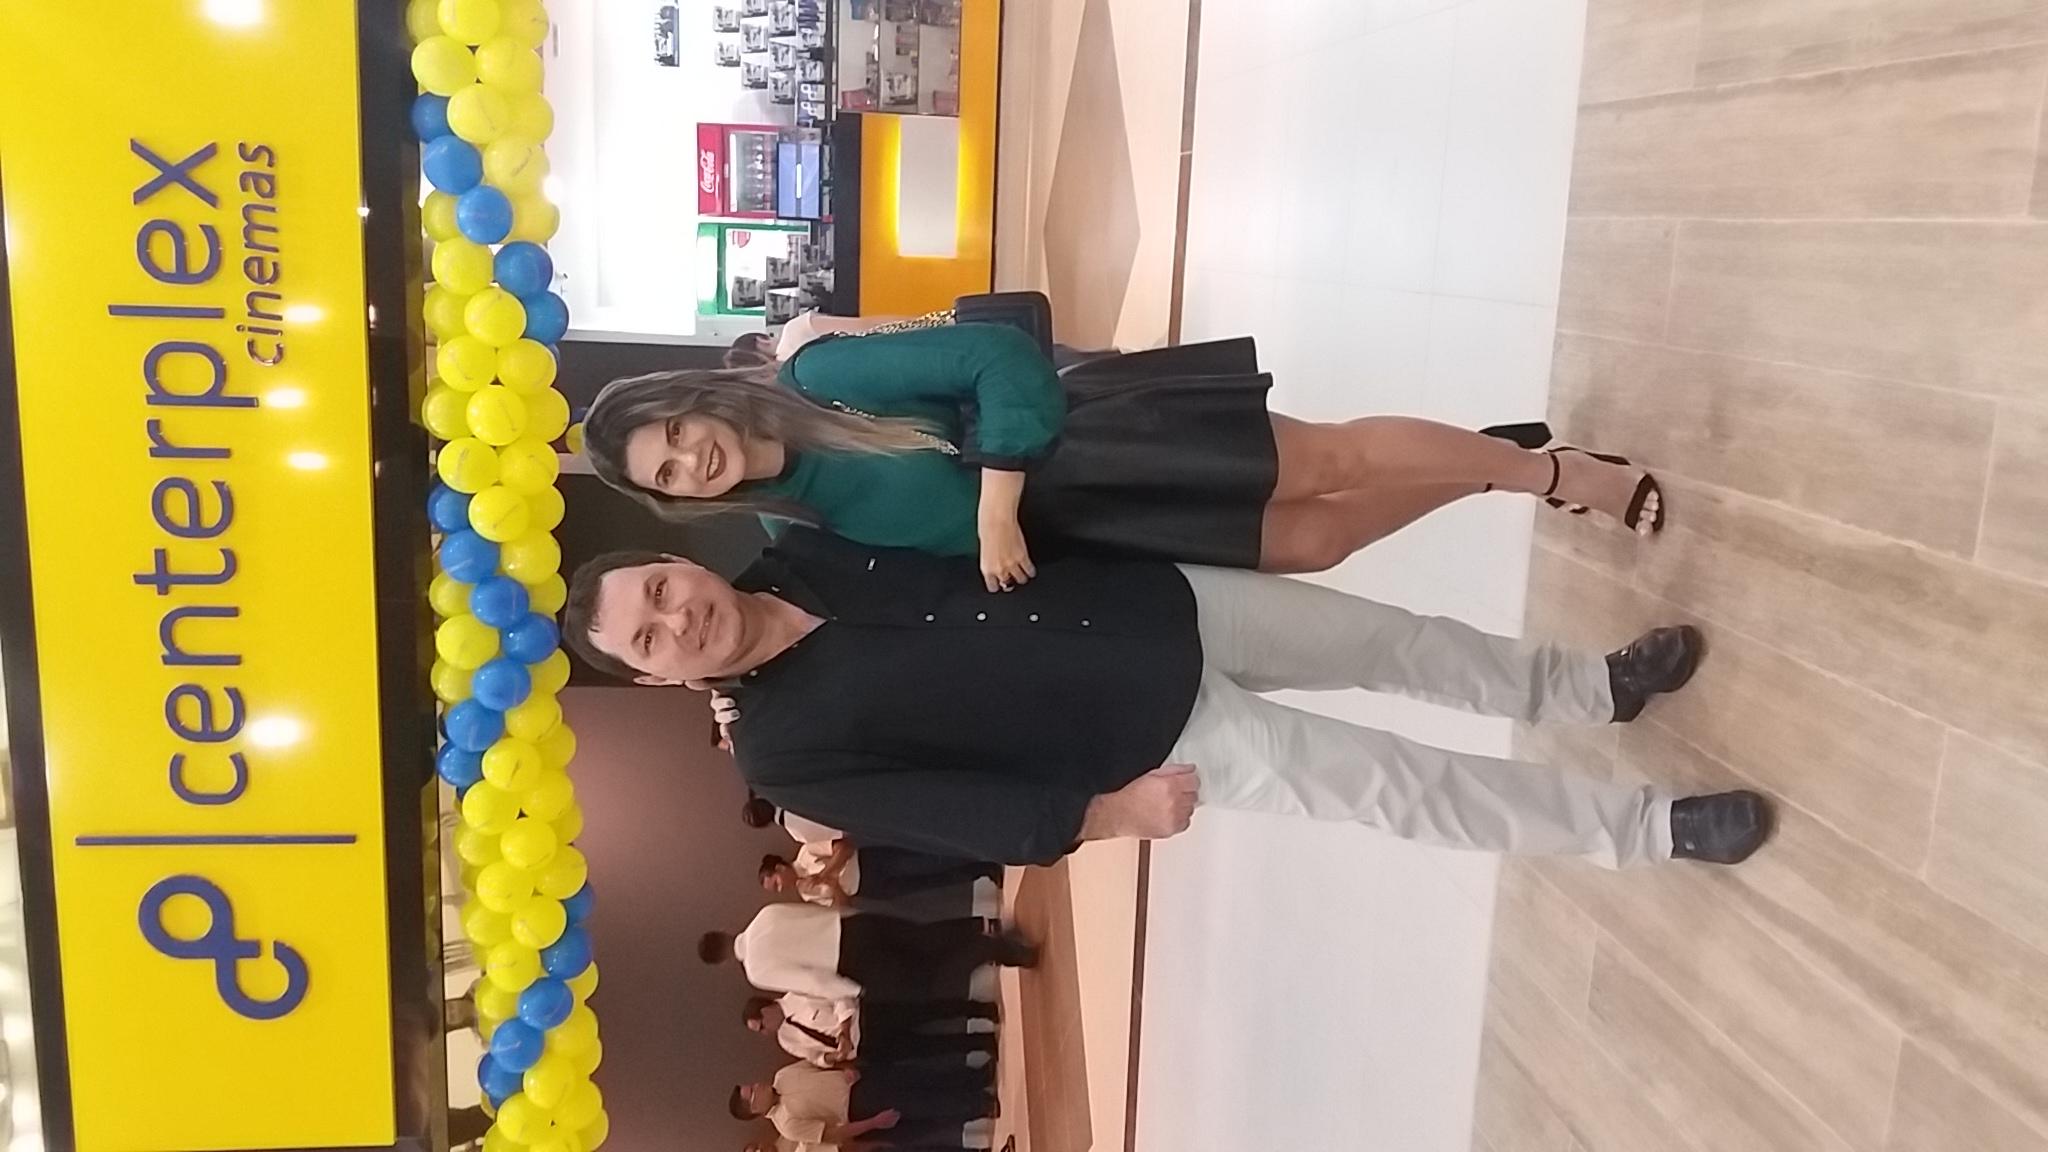 Coquetel de inauguração do Centerplex Cinemas em Maranguape-CE. Foto Dadynha Saturnino (39)